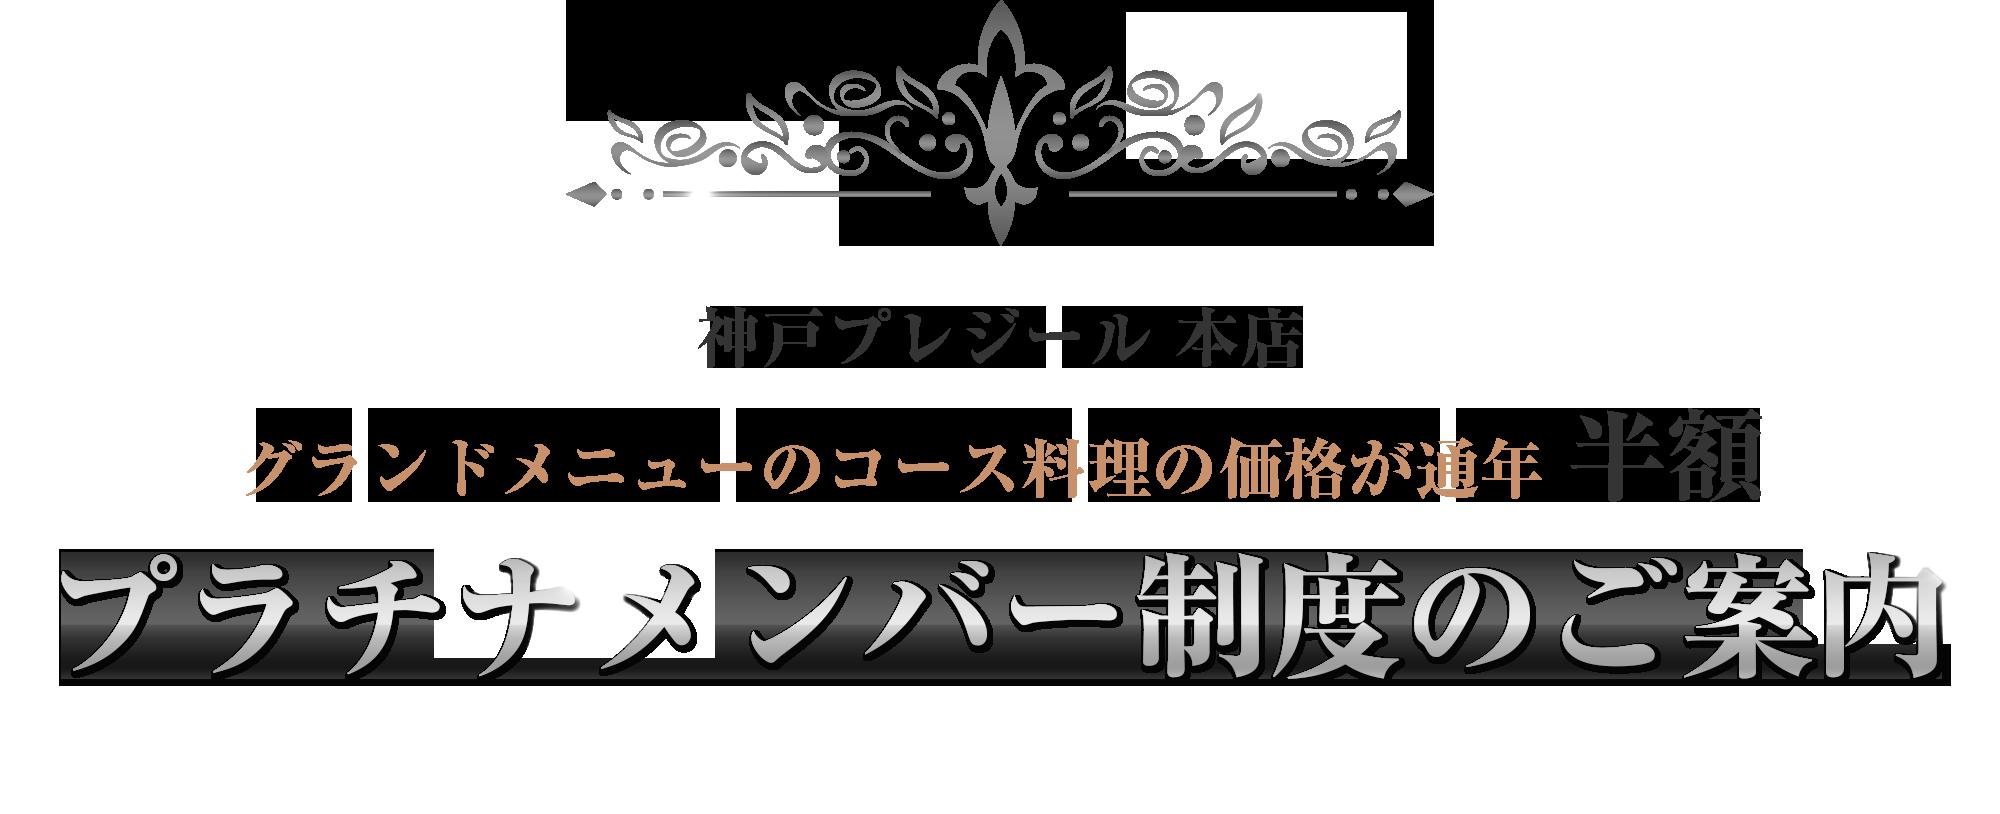 神戸プレジール 本店(神戸三宮)・銀座店、プラチナメンバー制度のご案内